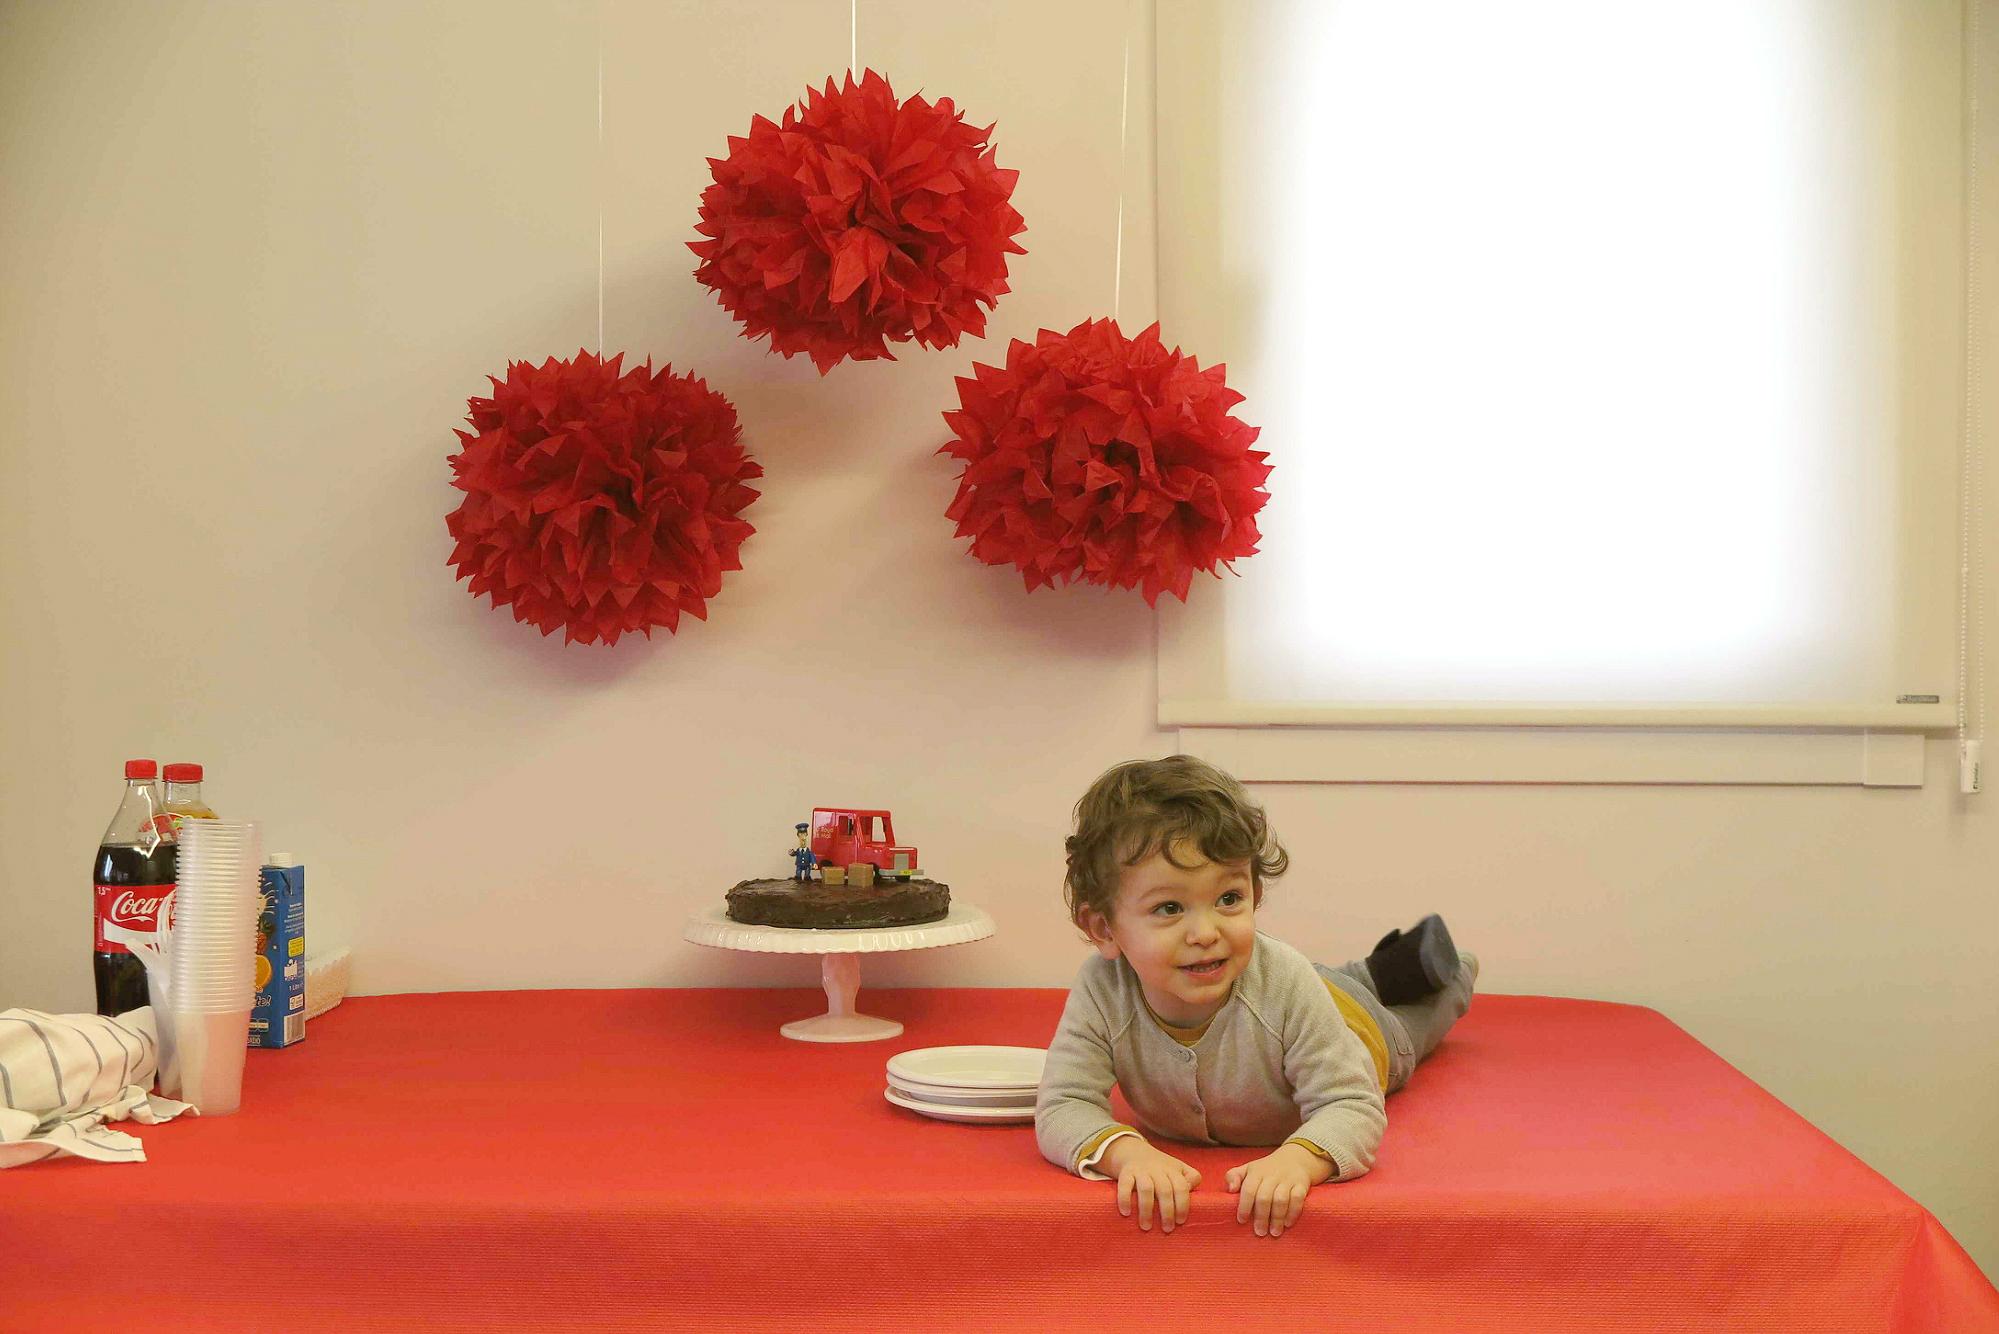 Fotografía de la mesa de cumpleaños temático de postman pat